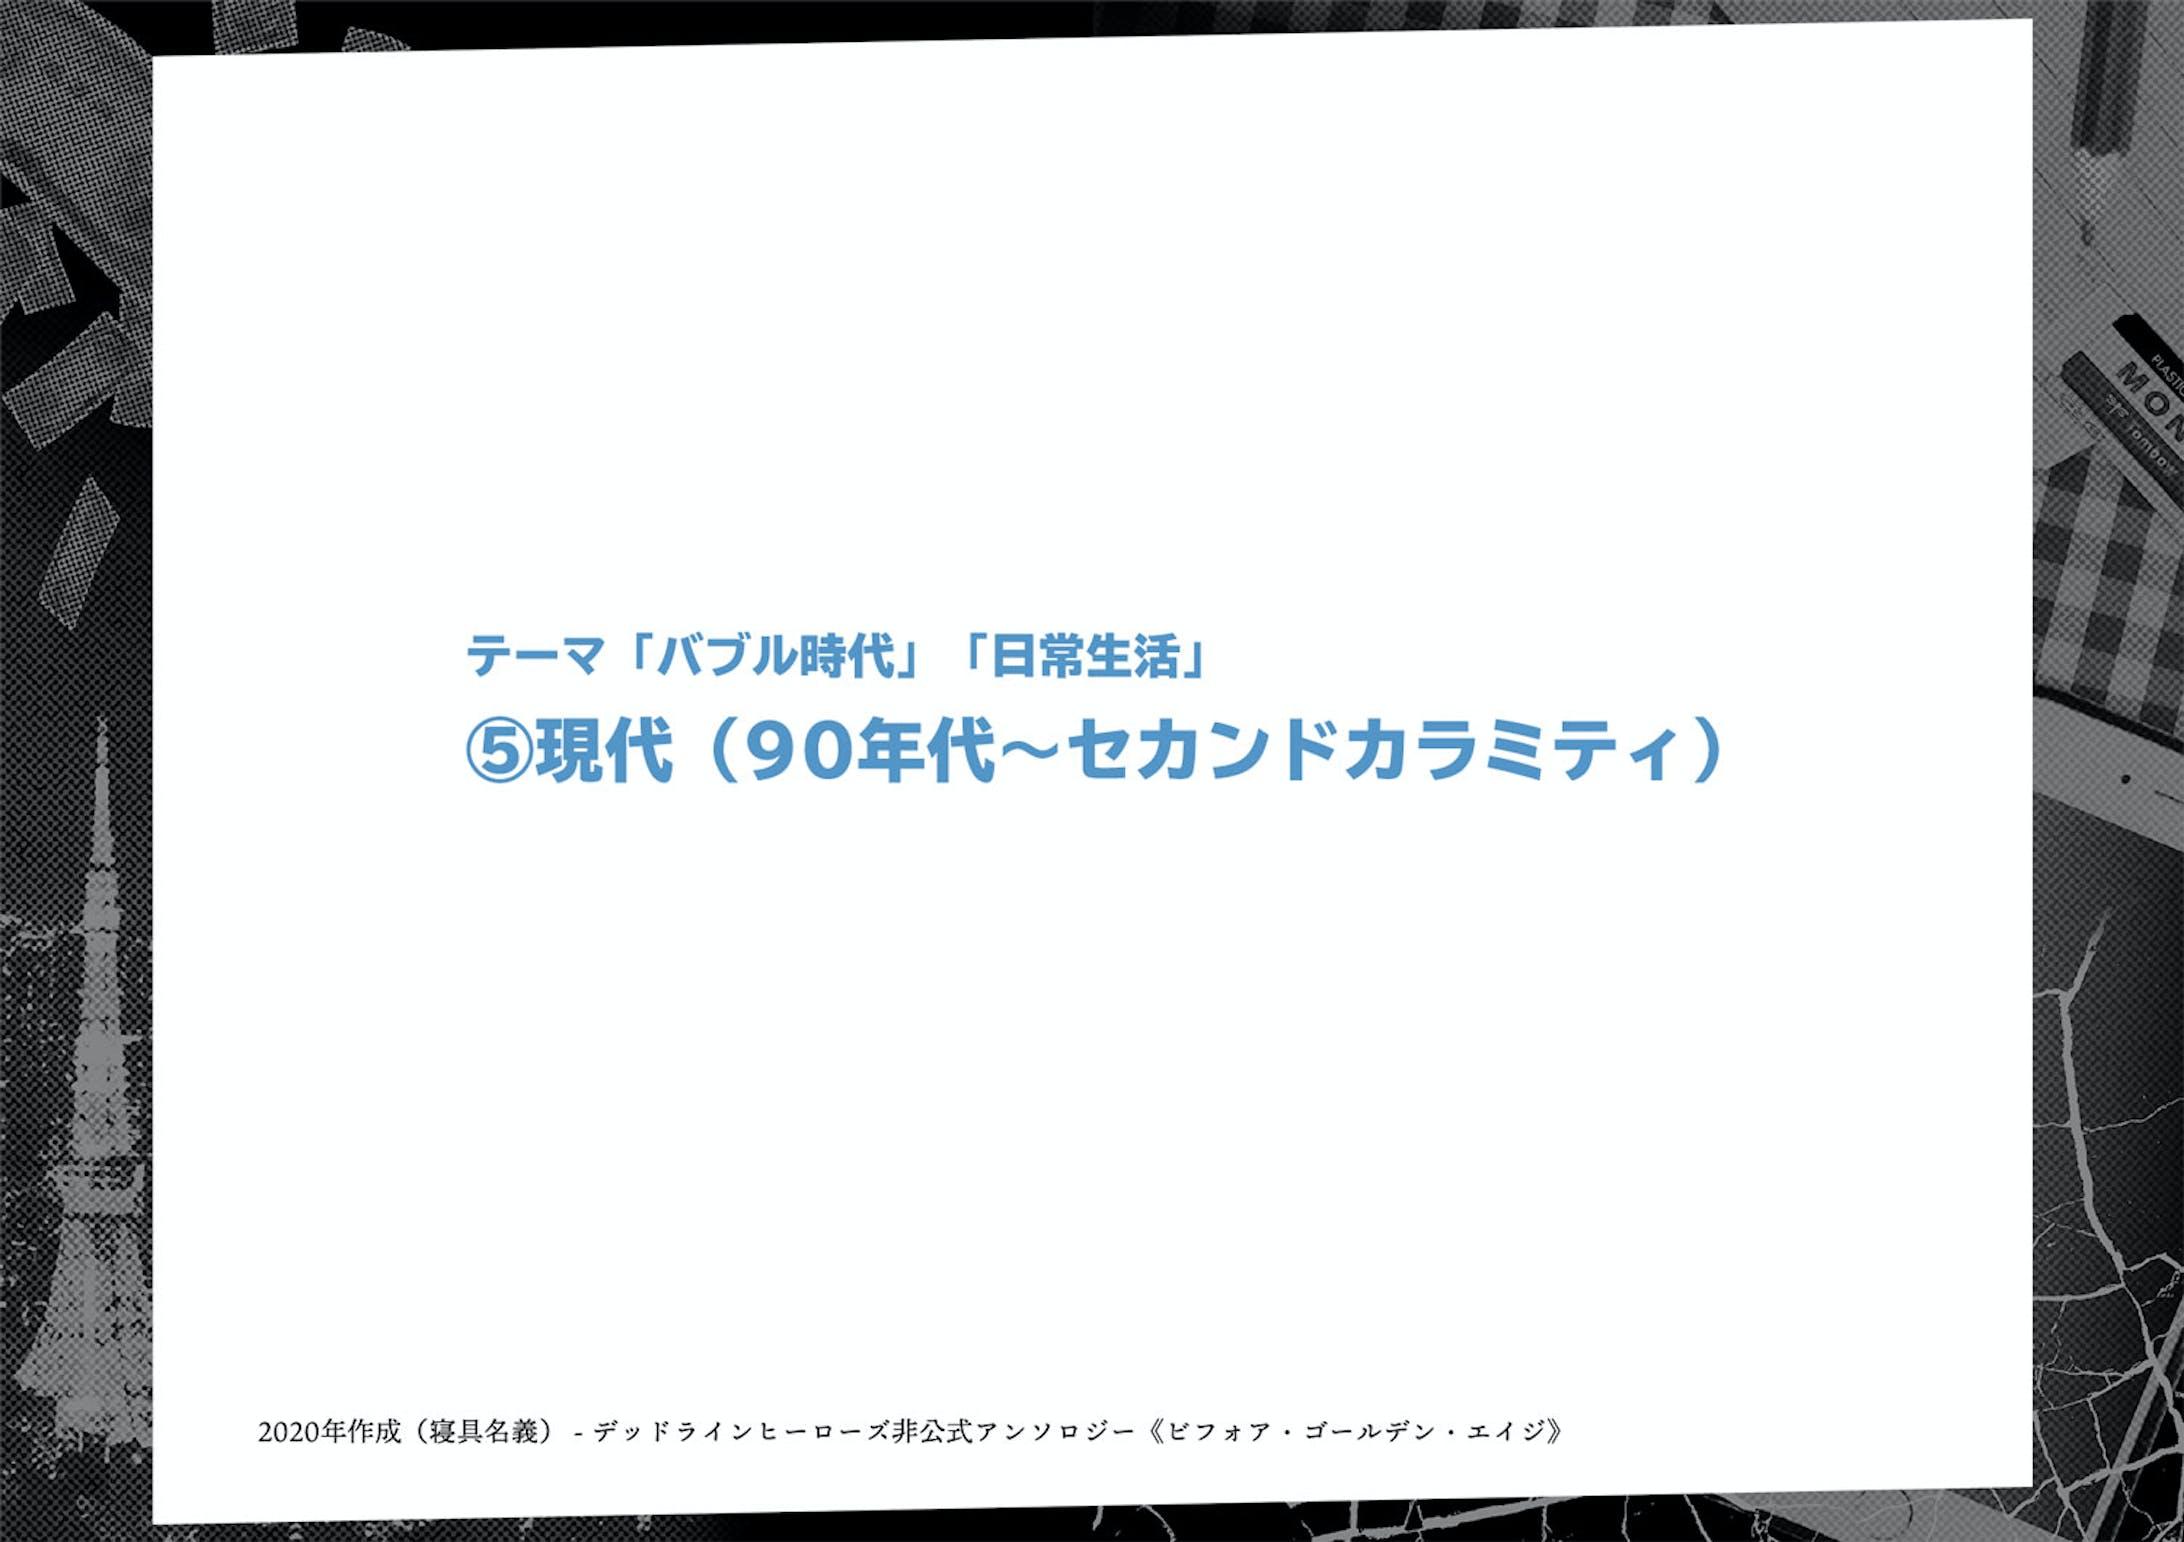 歴史系冊子 余白デザイン-8